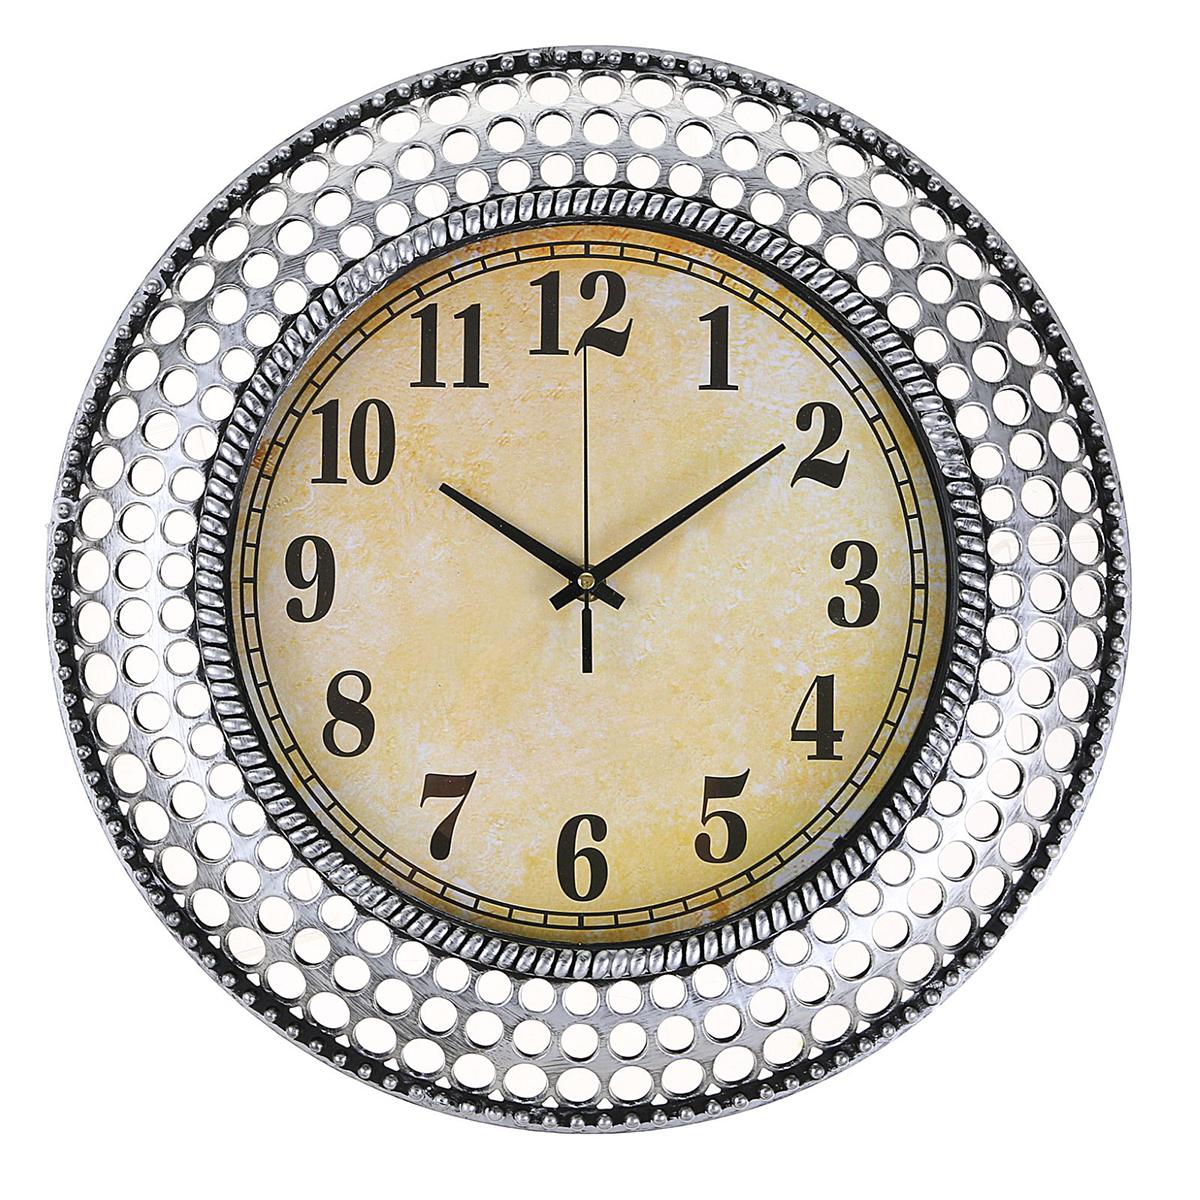 Часы настенные интерьерные Bubbles, диаметр 40 см2334890Каждому хозяину периодически приходит мысль обновить свою квартиру, сделать ремонт, перестановку или кардинально поменять внешний вид каждой комнаты. — привлекательная деталь, которая поможет воплотить вашу интерьерную идею, создать неповторимую атмосферу в вашем доме. Окружите себя приятными мелочами, пусть они радуют глаз и дарят гармонию.Часы настенные интерьерные Bubbles, круг, серебристая рама, 40*4см 2334890